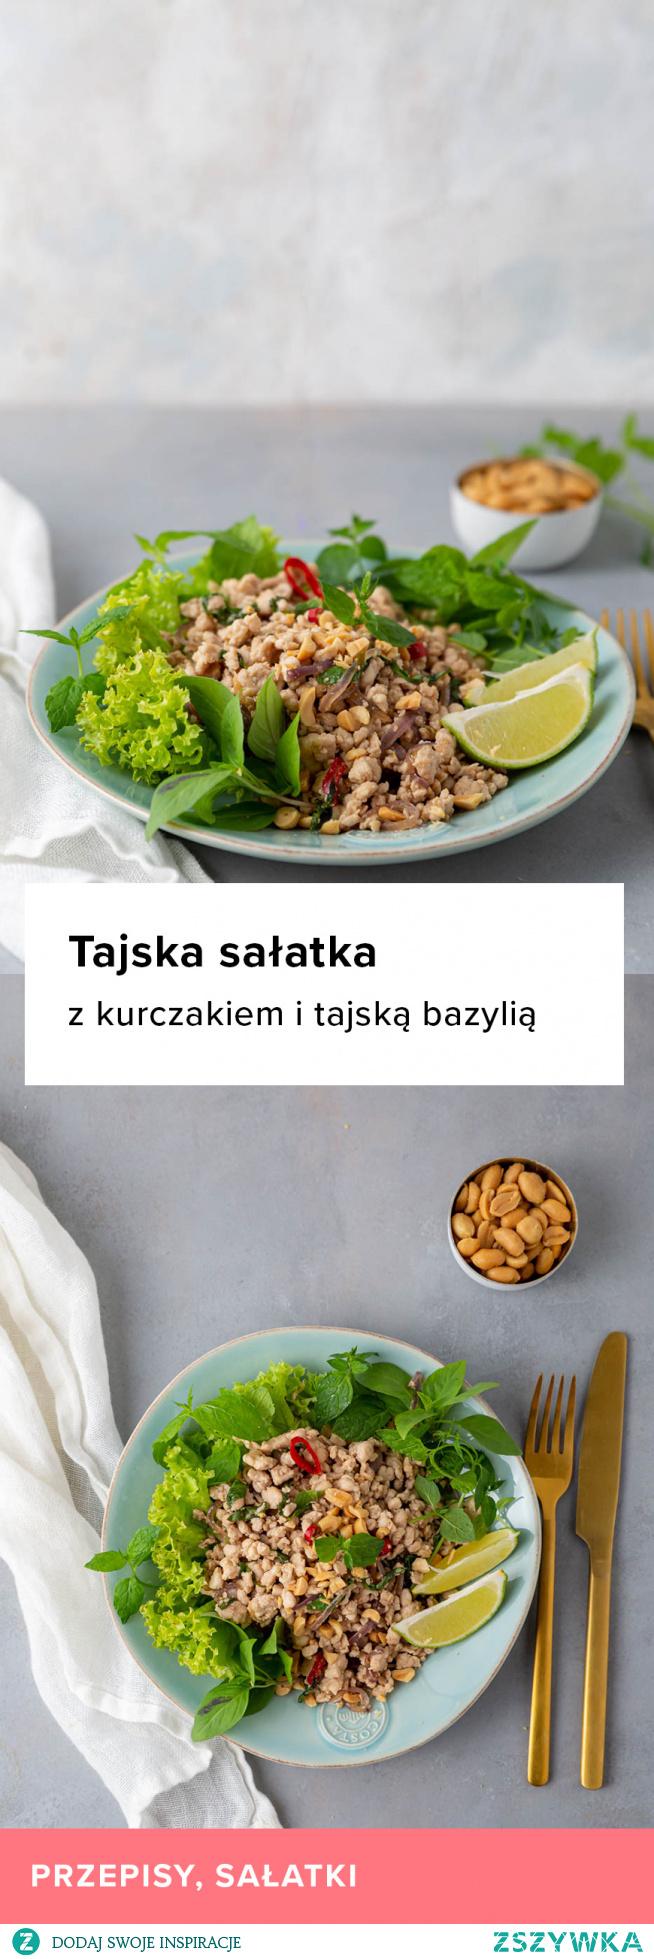 Przepis na tajską sałatkę z kurczakiem i tajską bazylią